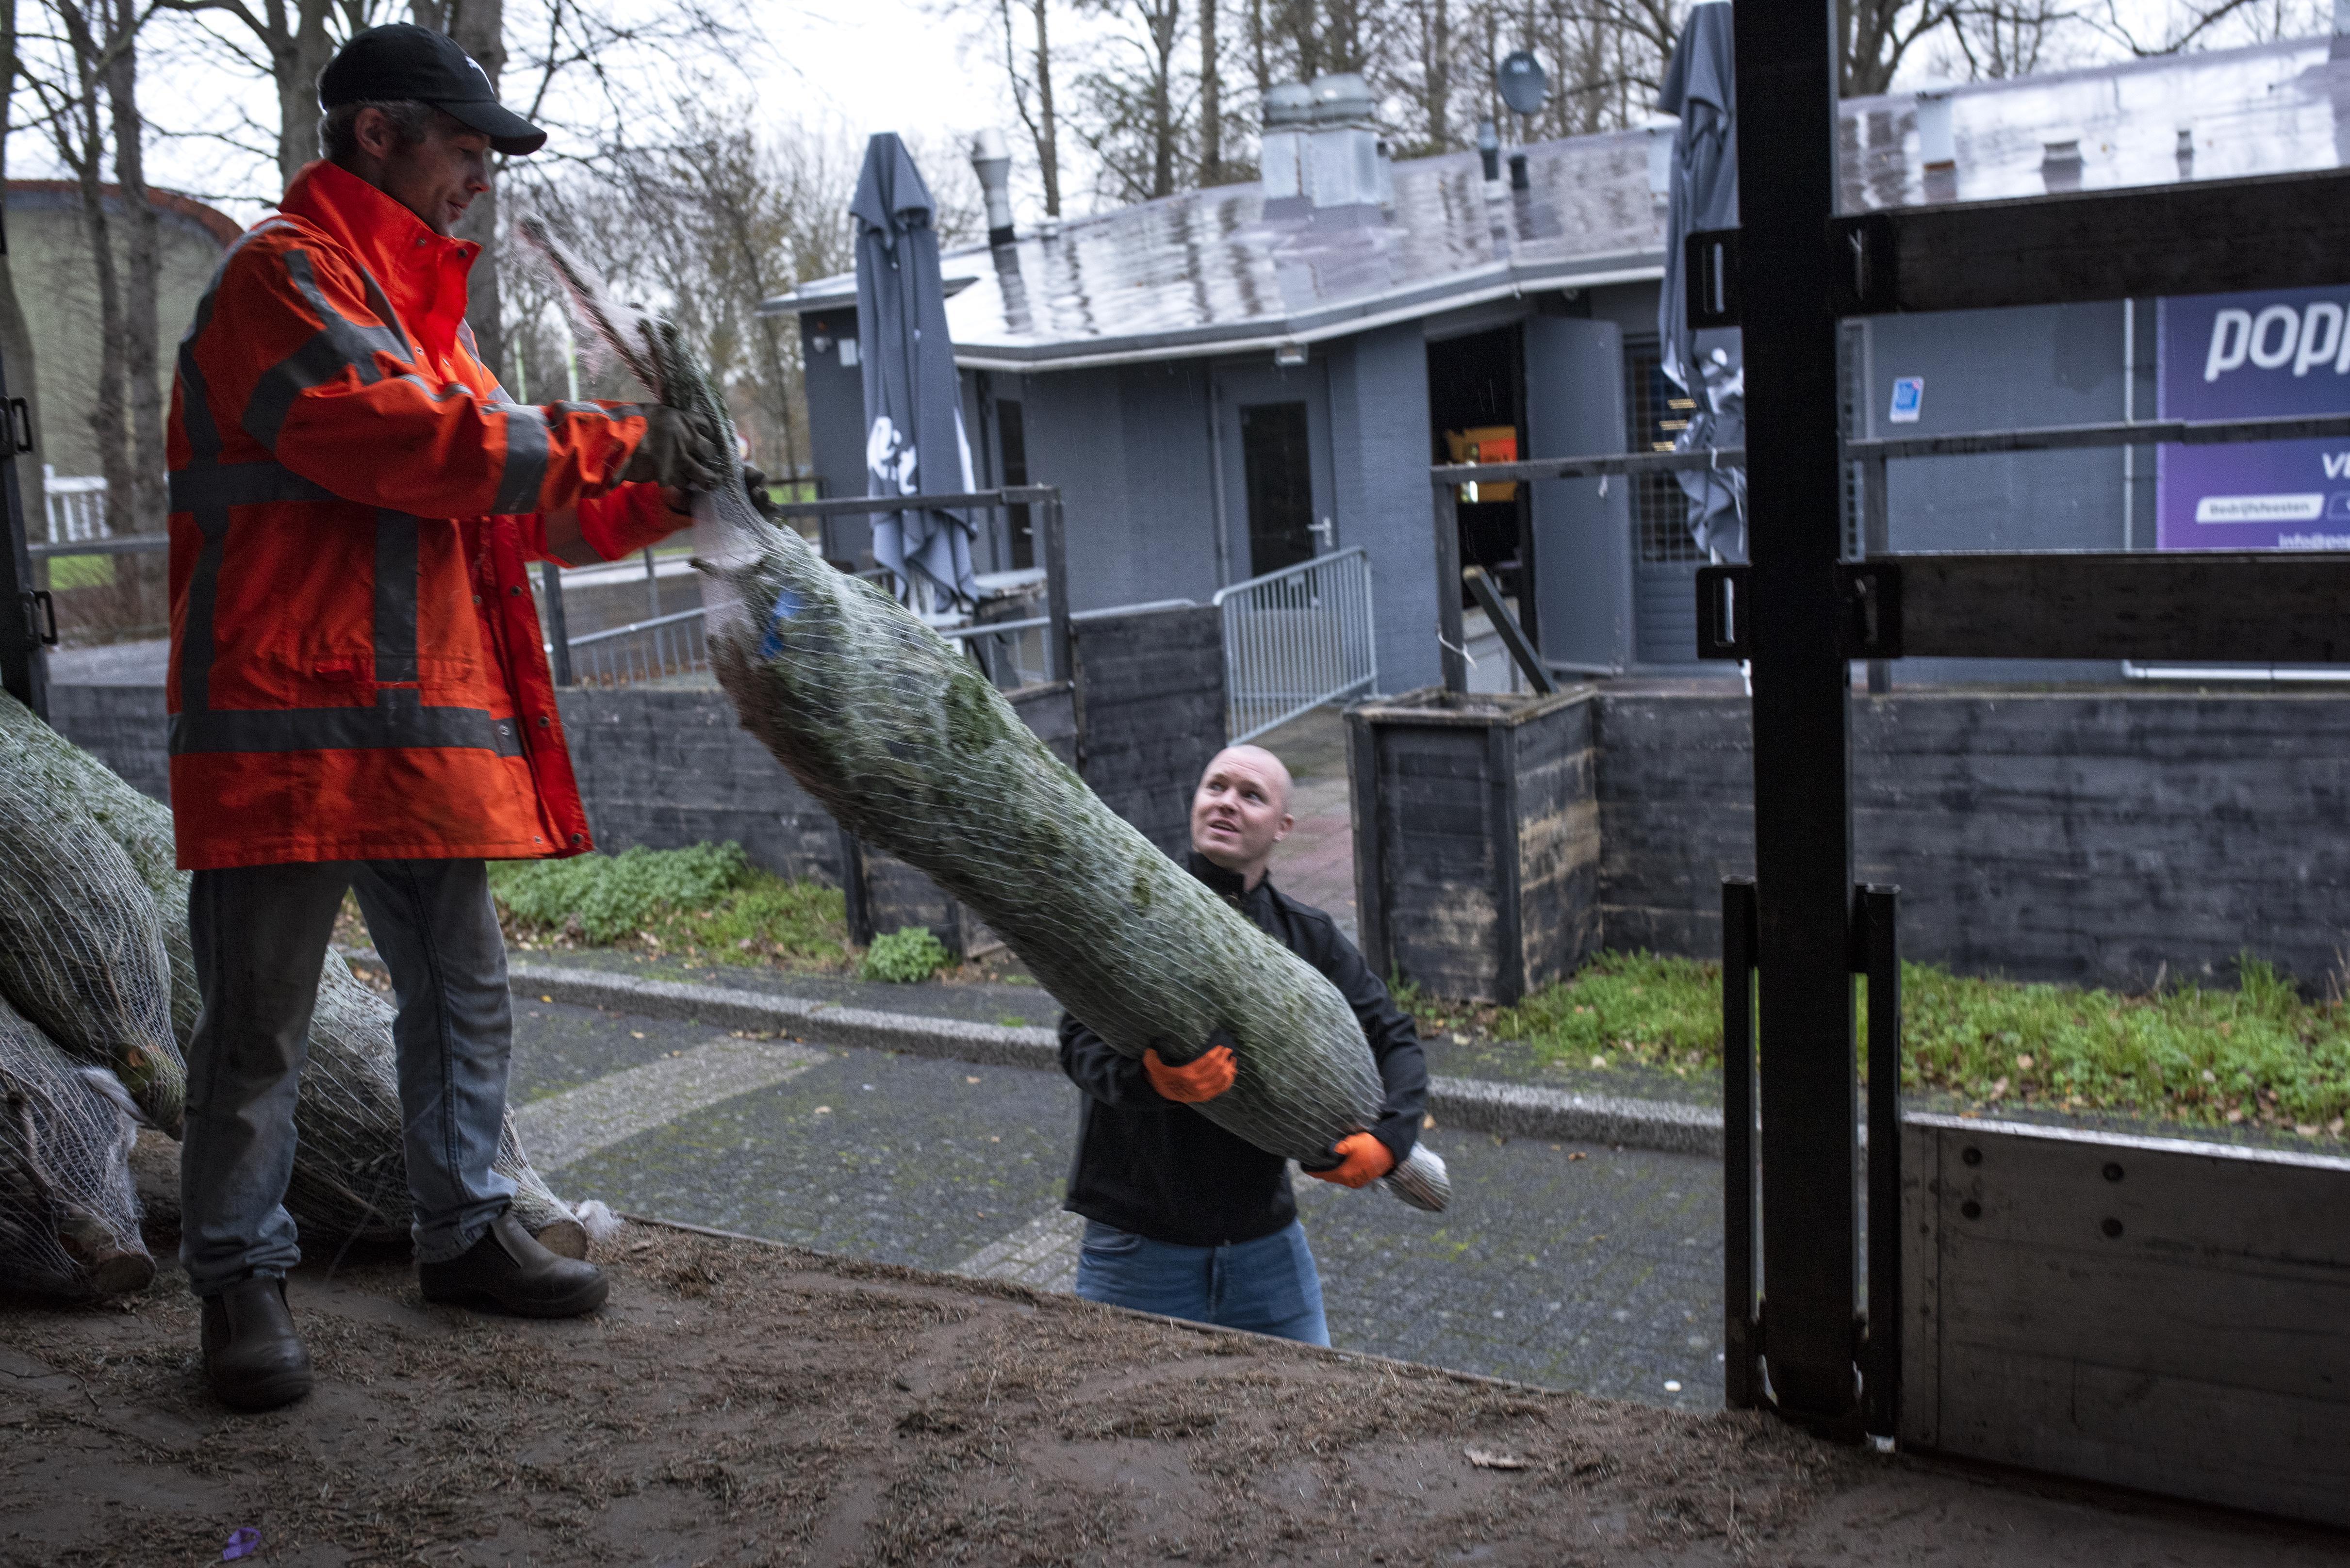 Bij Poppodium Beverwijk worden momenteel geen biertjes getapt, maar kerstbomen verkocht: 'Avontuur loopt vooralsnog anders dan gedacht'